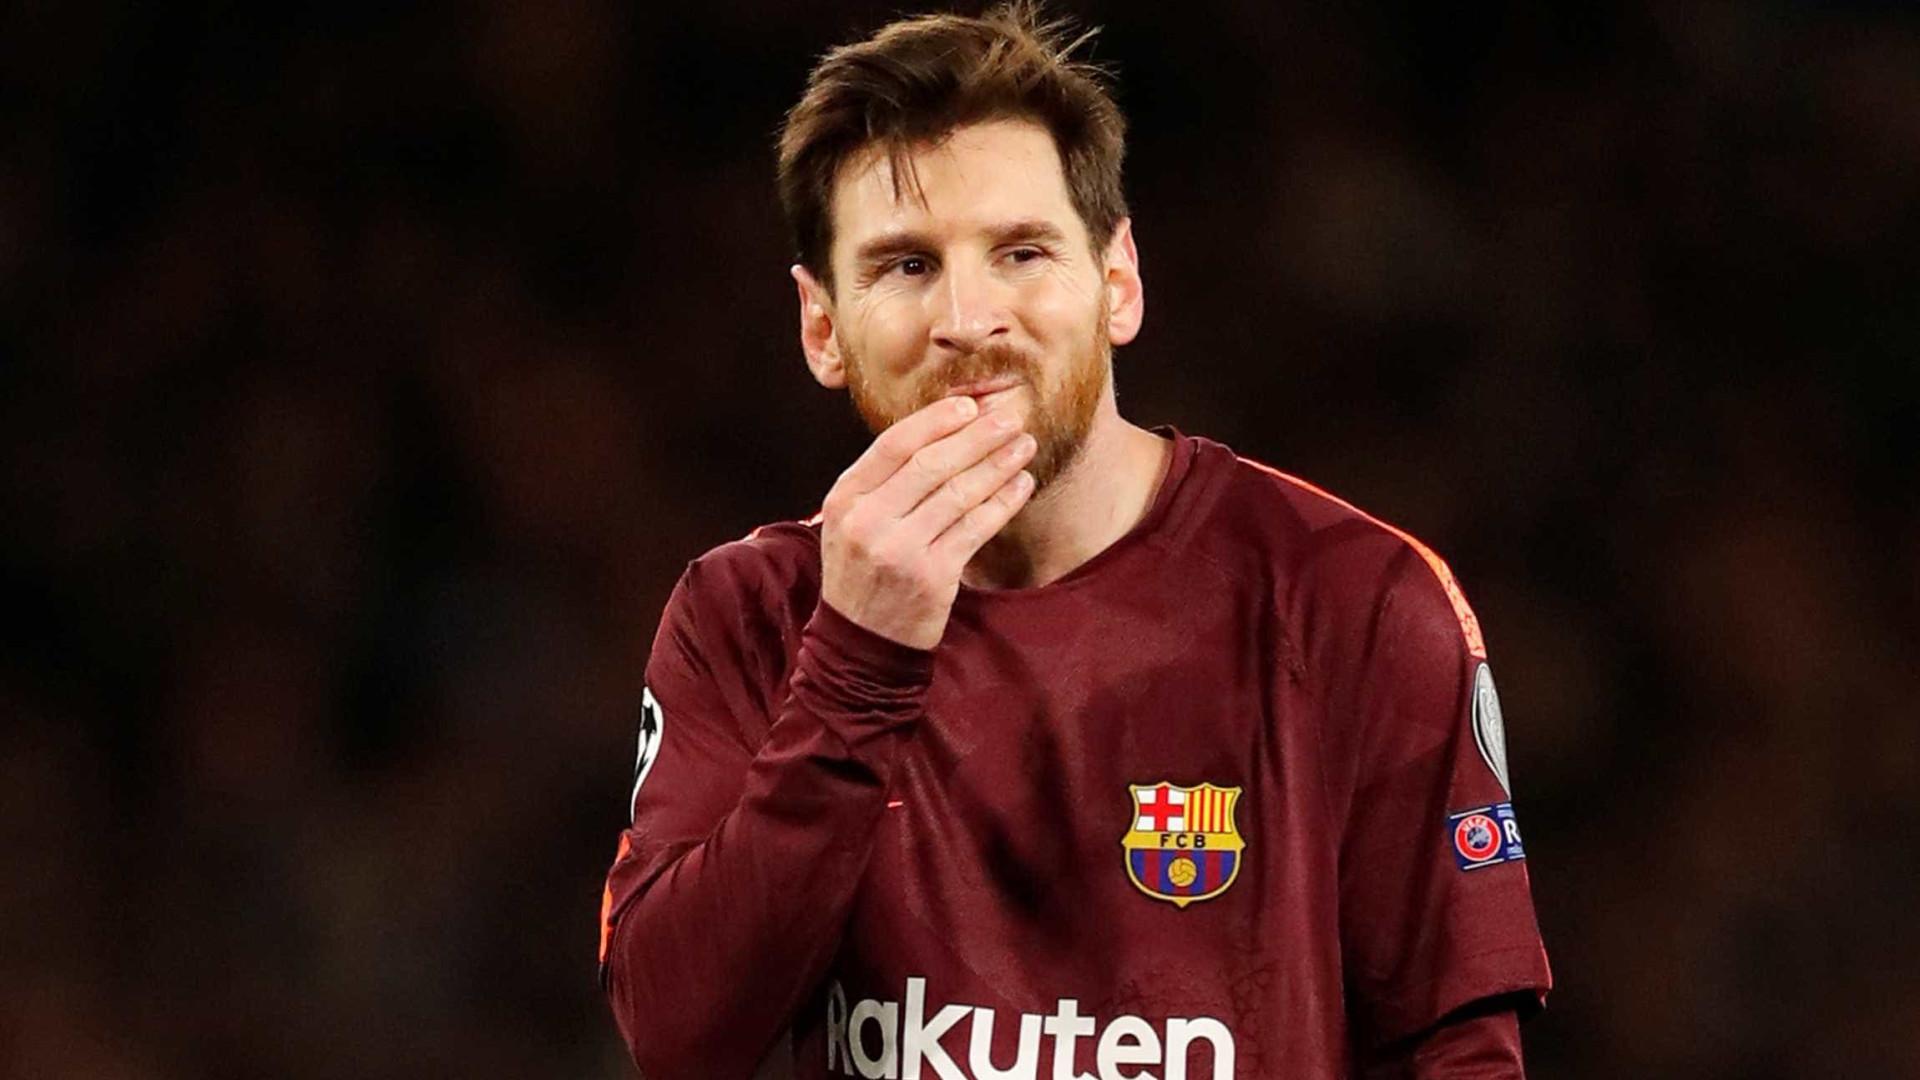 Messi salva o Barcelona e garante empate com o Sevilla